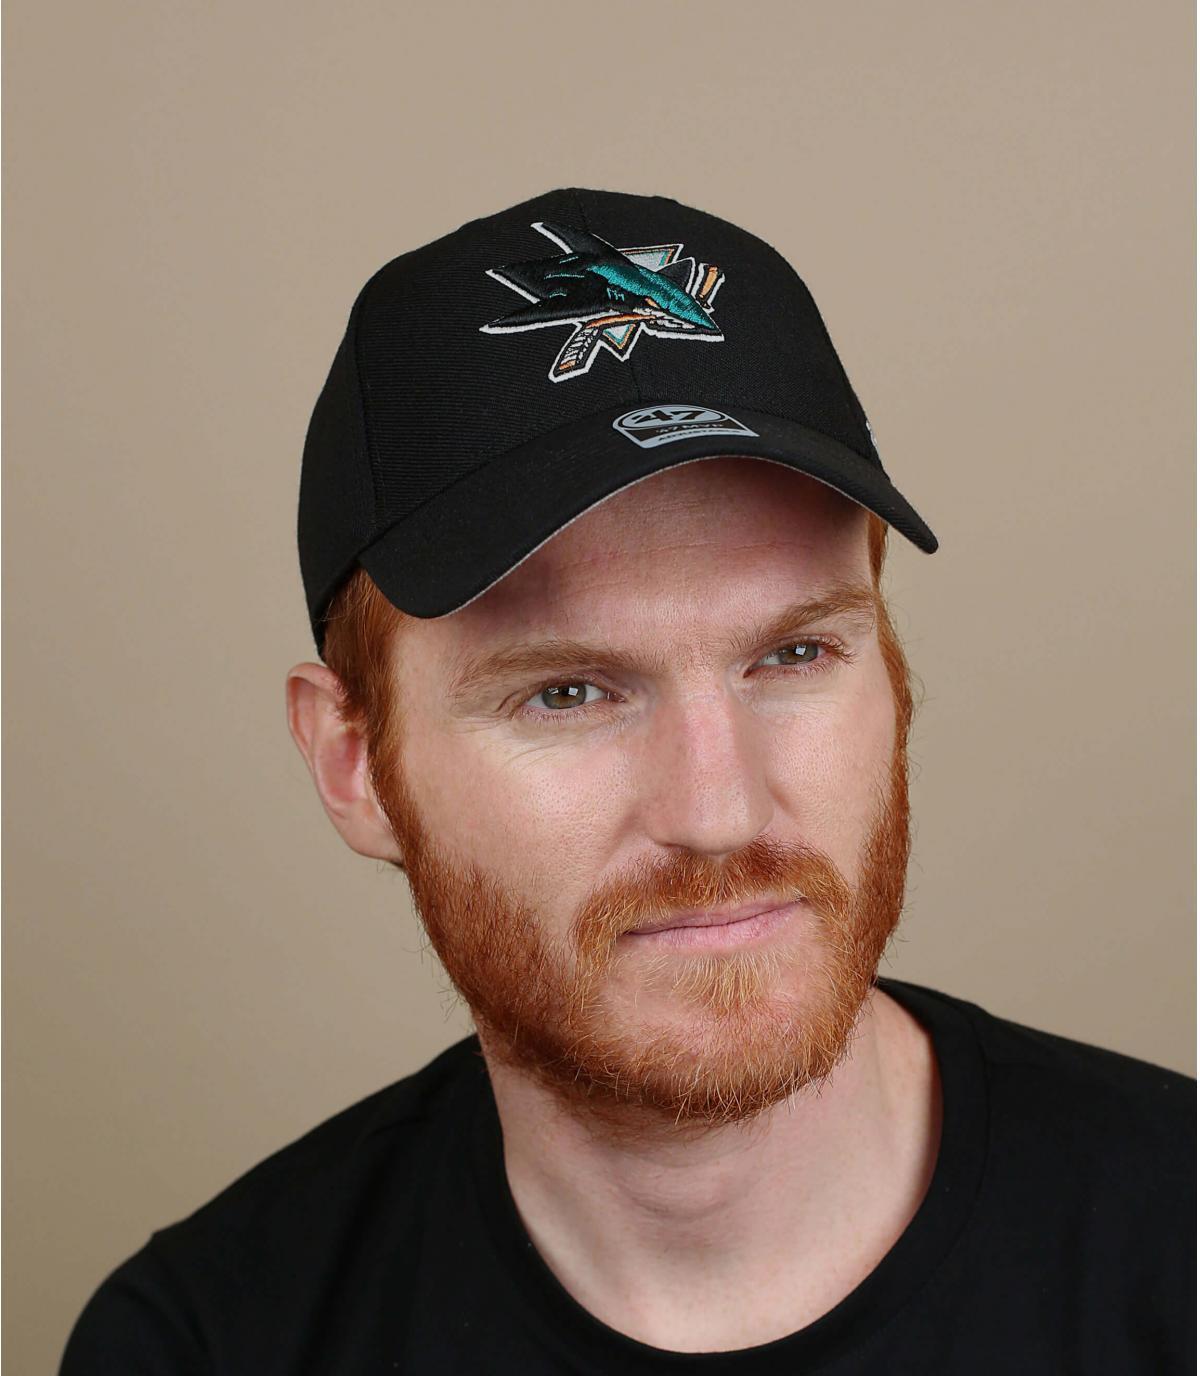 San Jose Sharks cappuccio nero